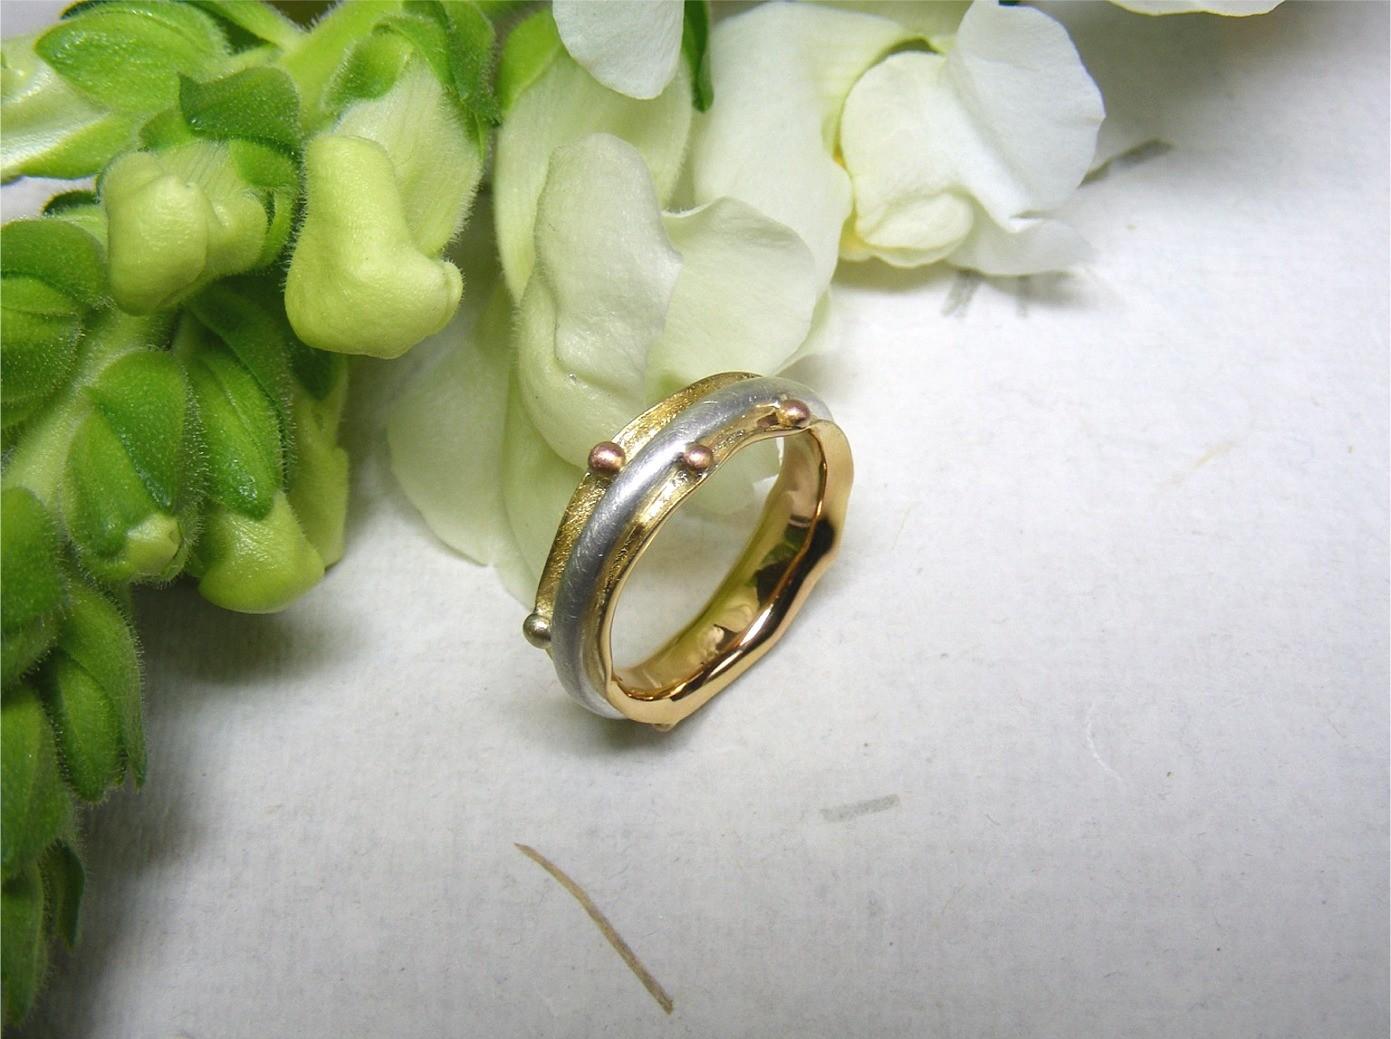 zilver, 14kt geel- en roodgoud €390